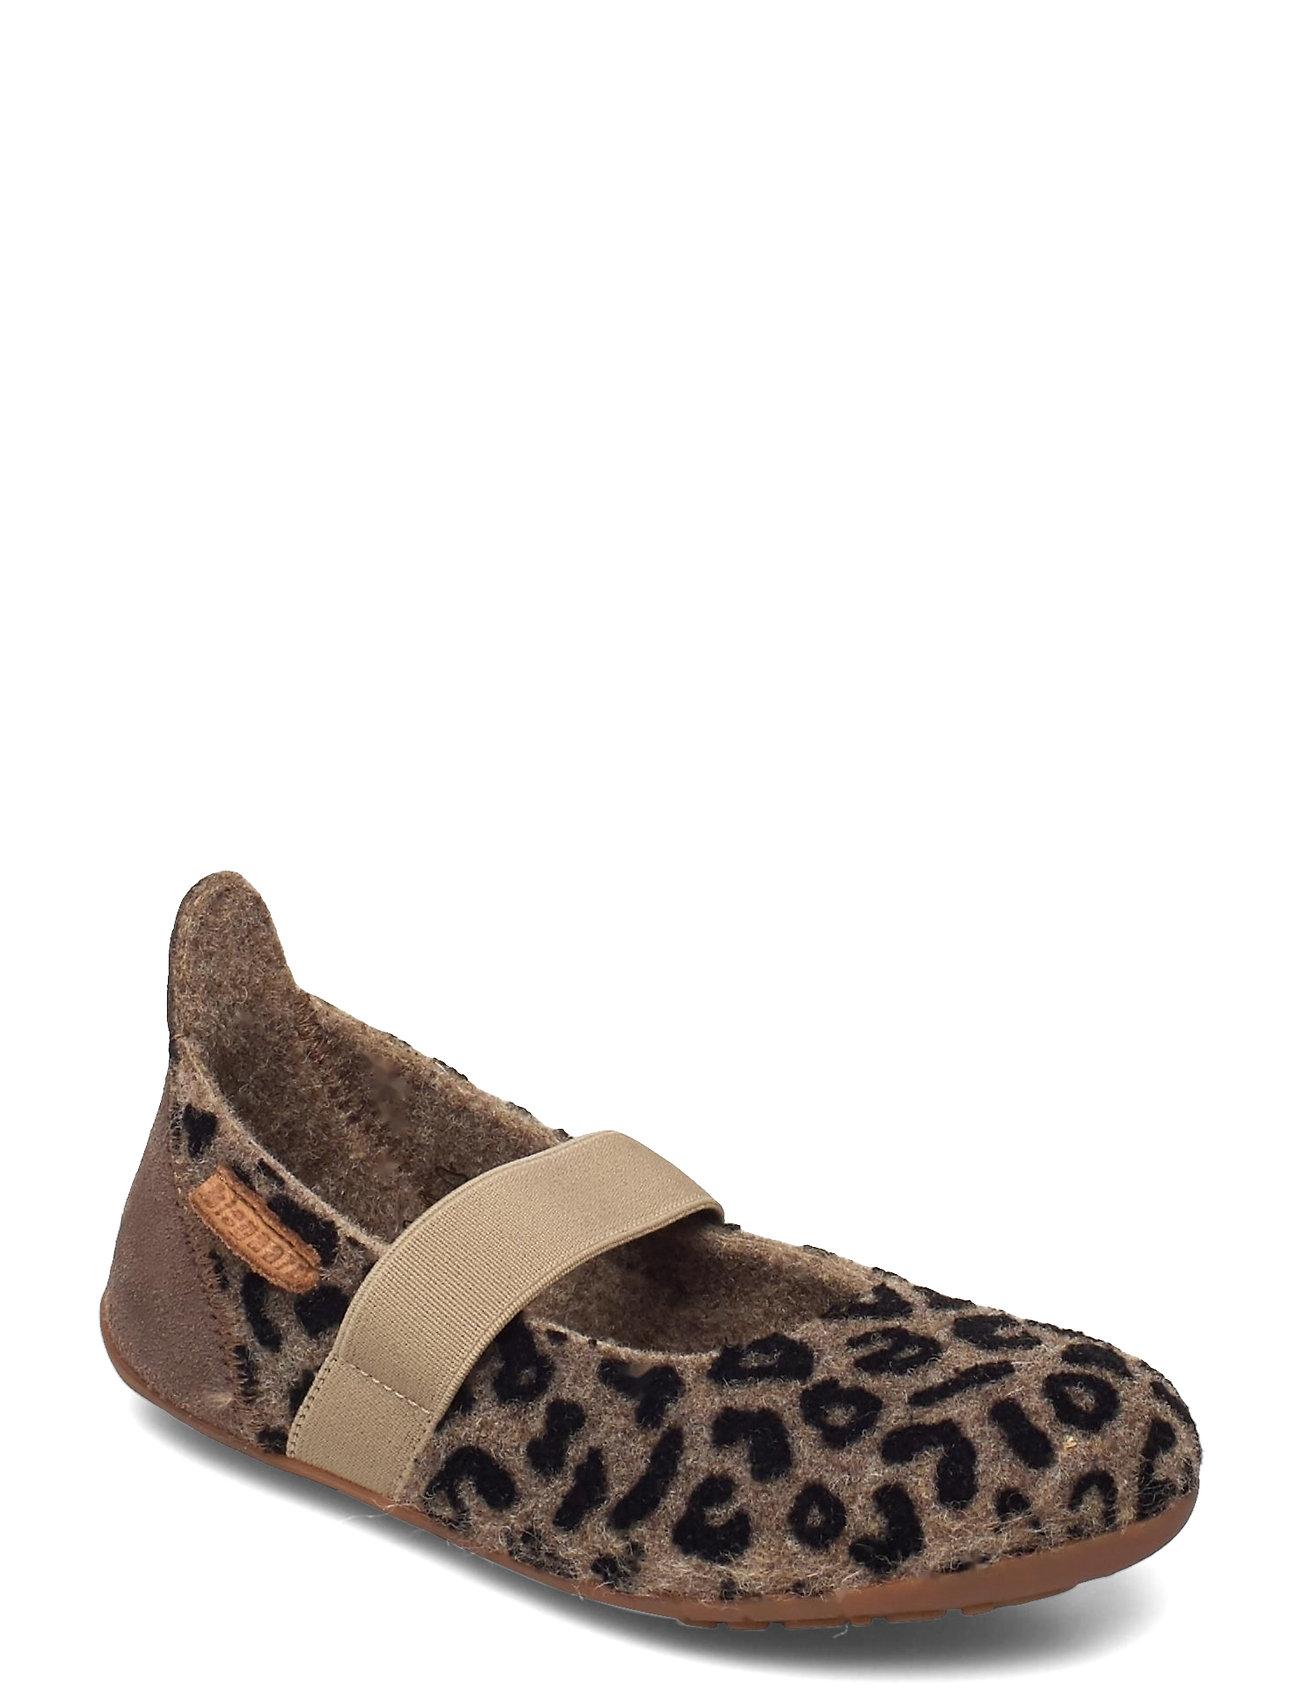 Home Shoe -  Wool Ballet Bisgaard Sko til Piger i